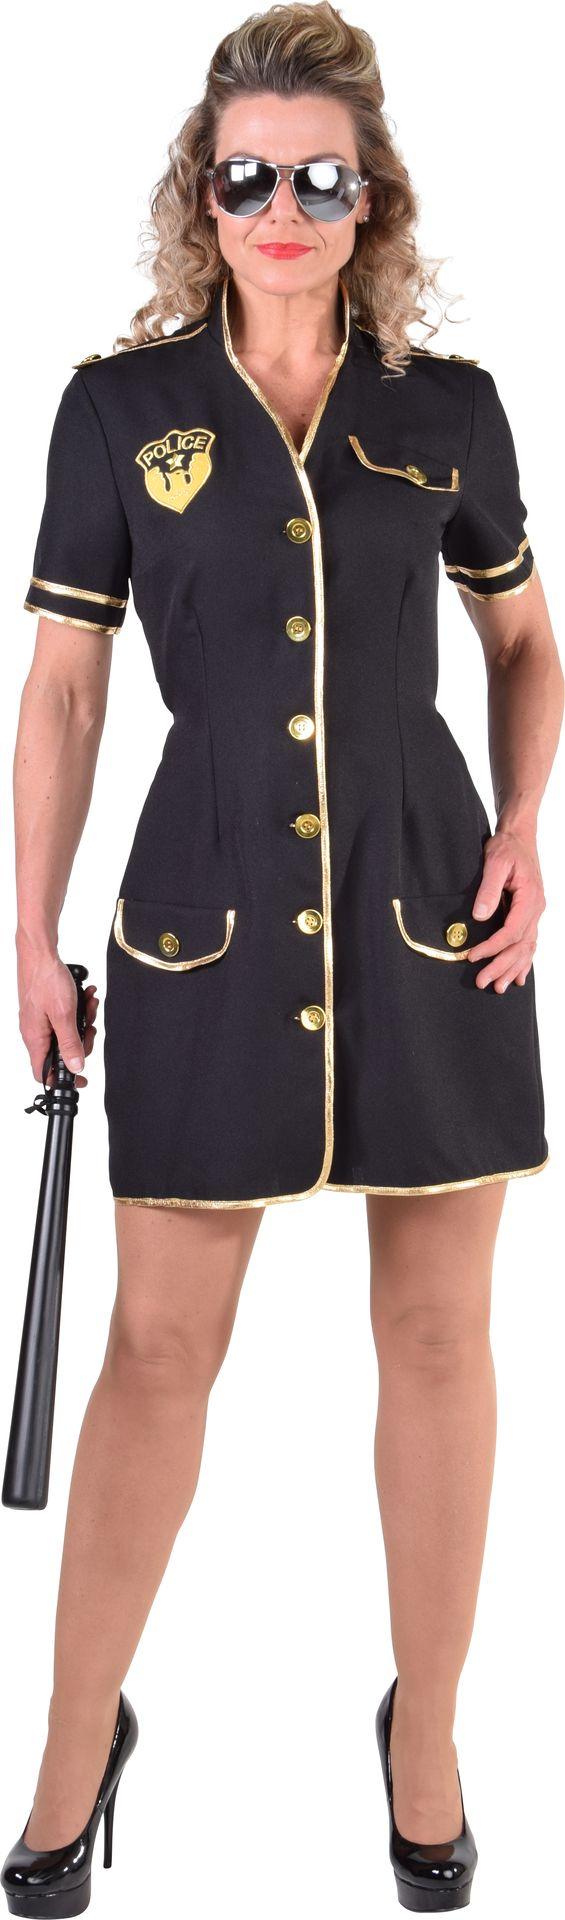 Zwart politie jurkje dames